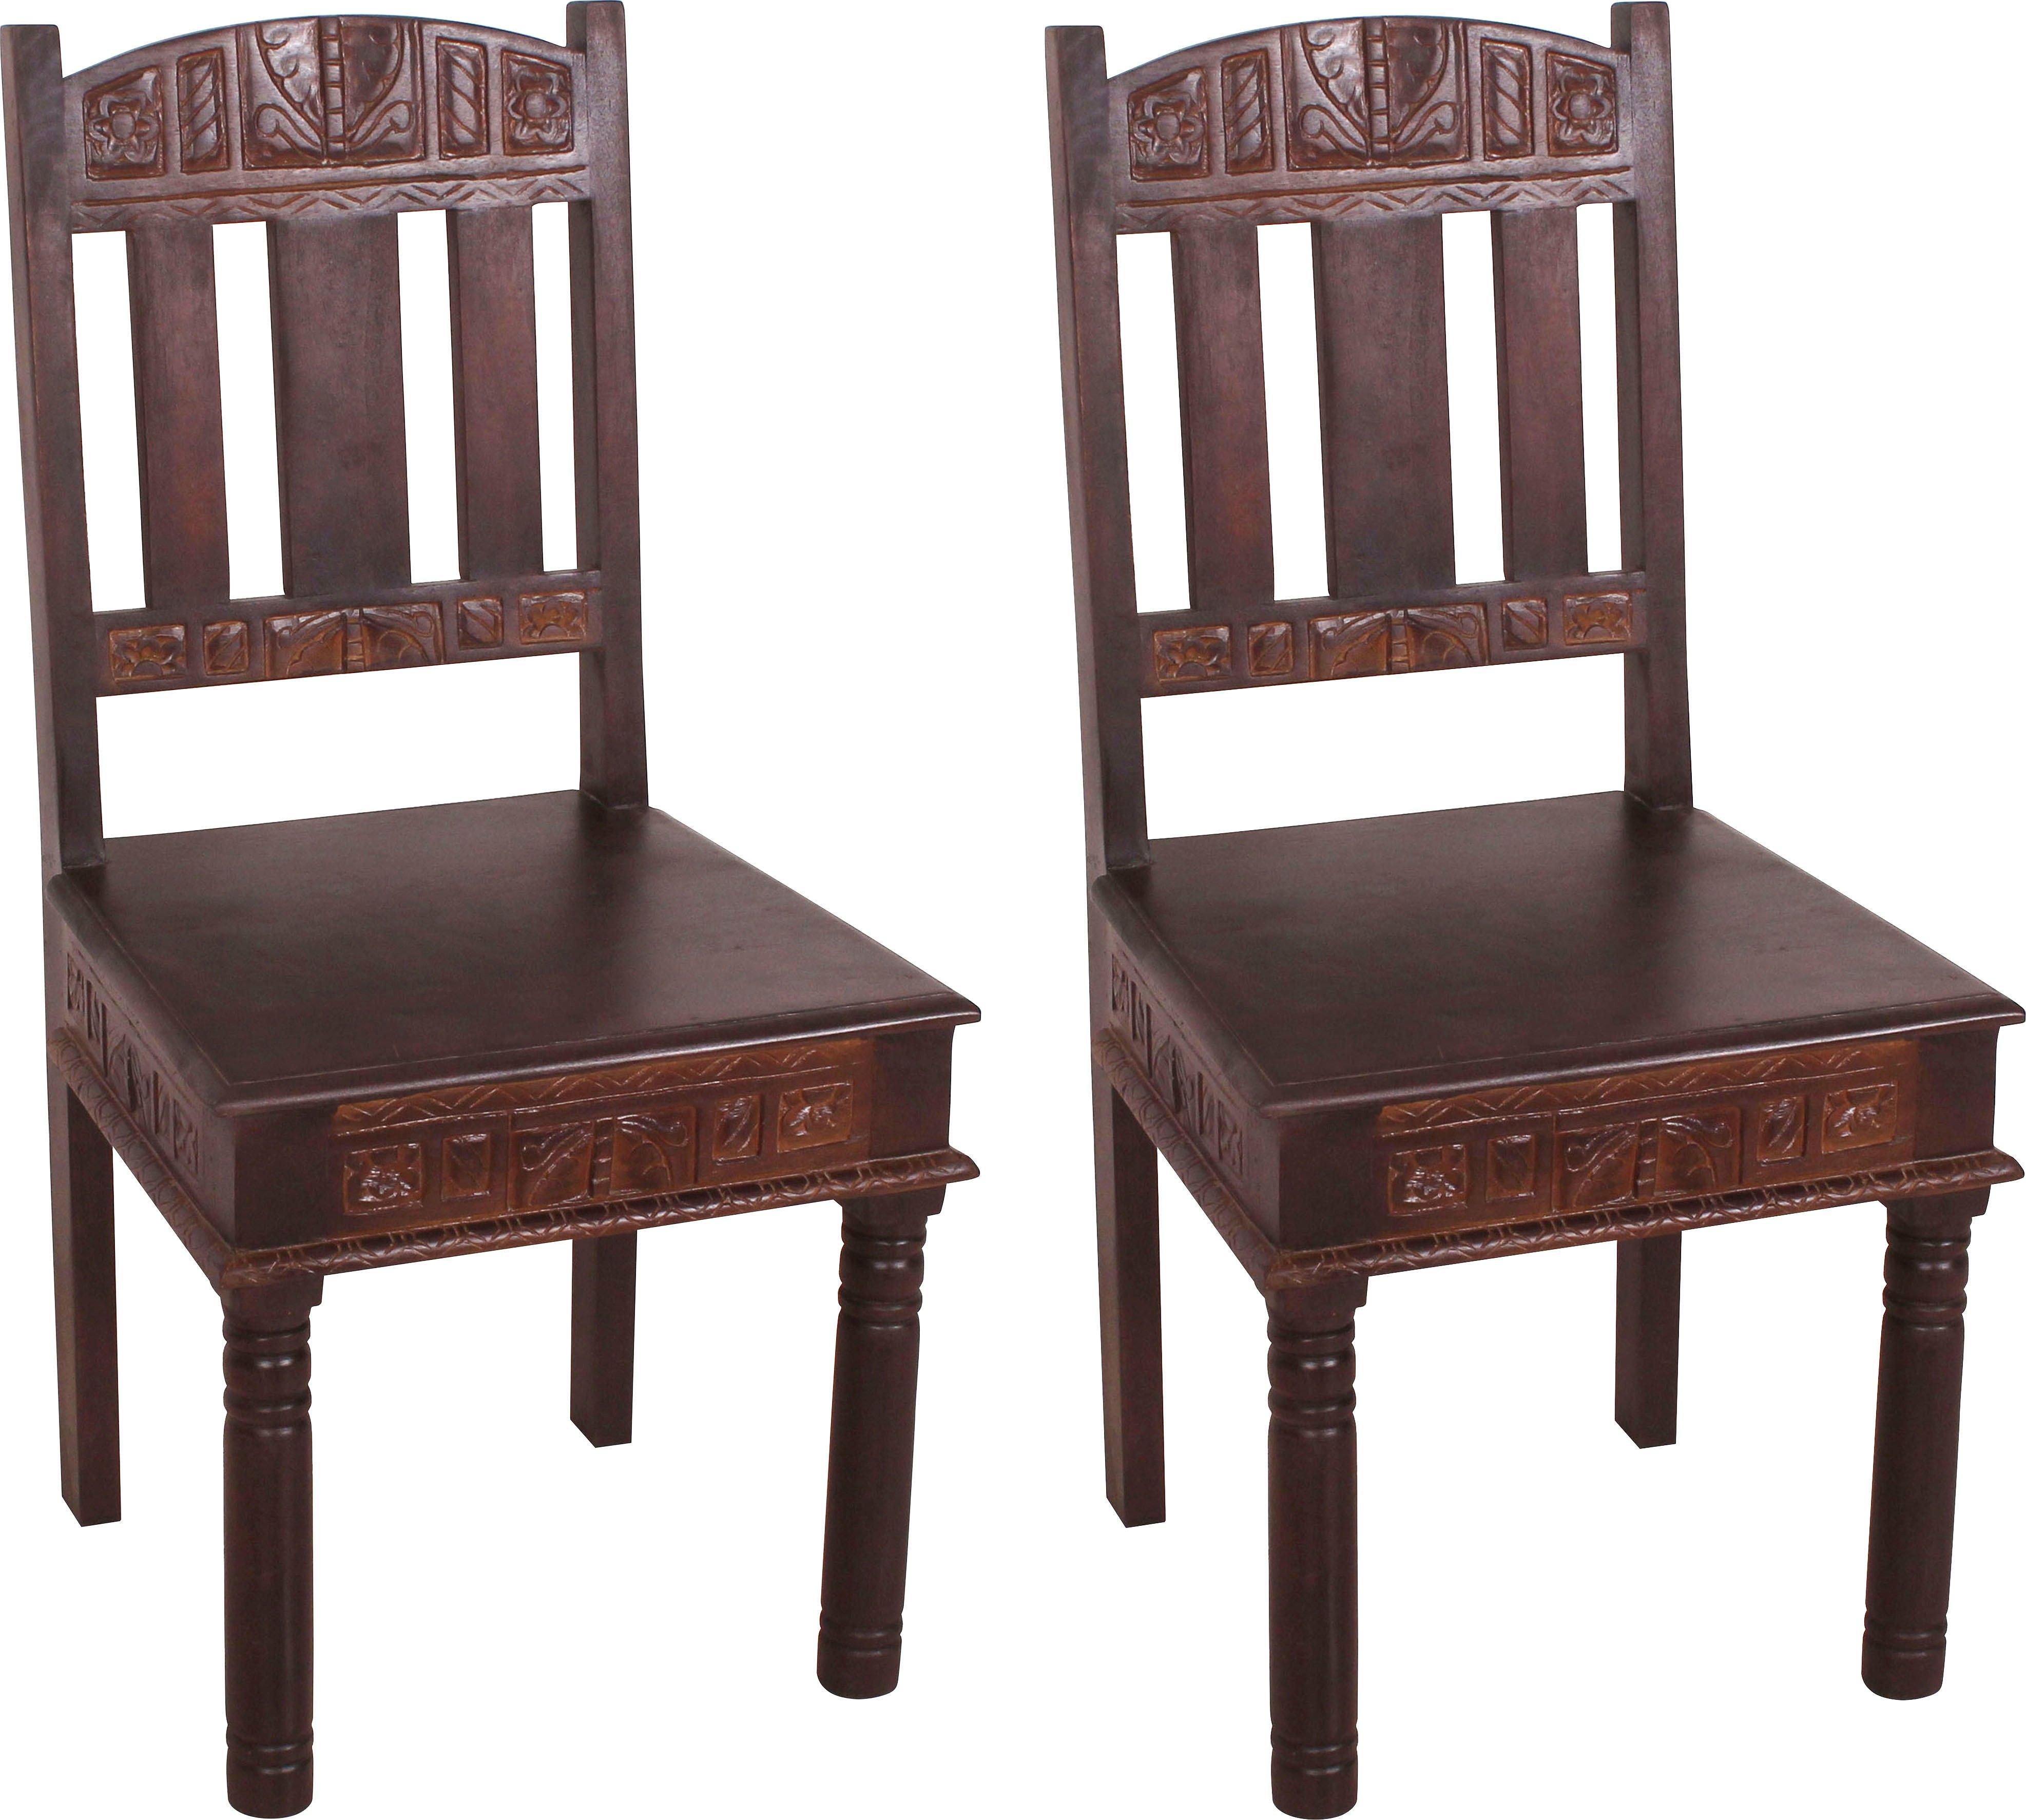 SIT stoel gemaakt van gerecycled afvalhout (set, 2 stuks) online kopen op otto.nl